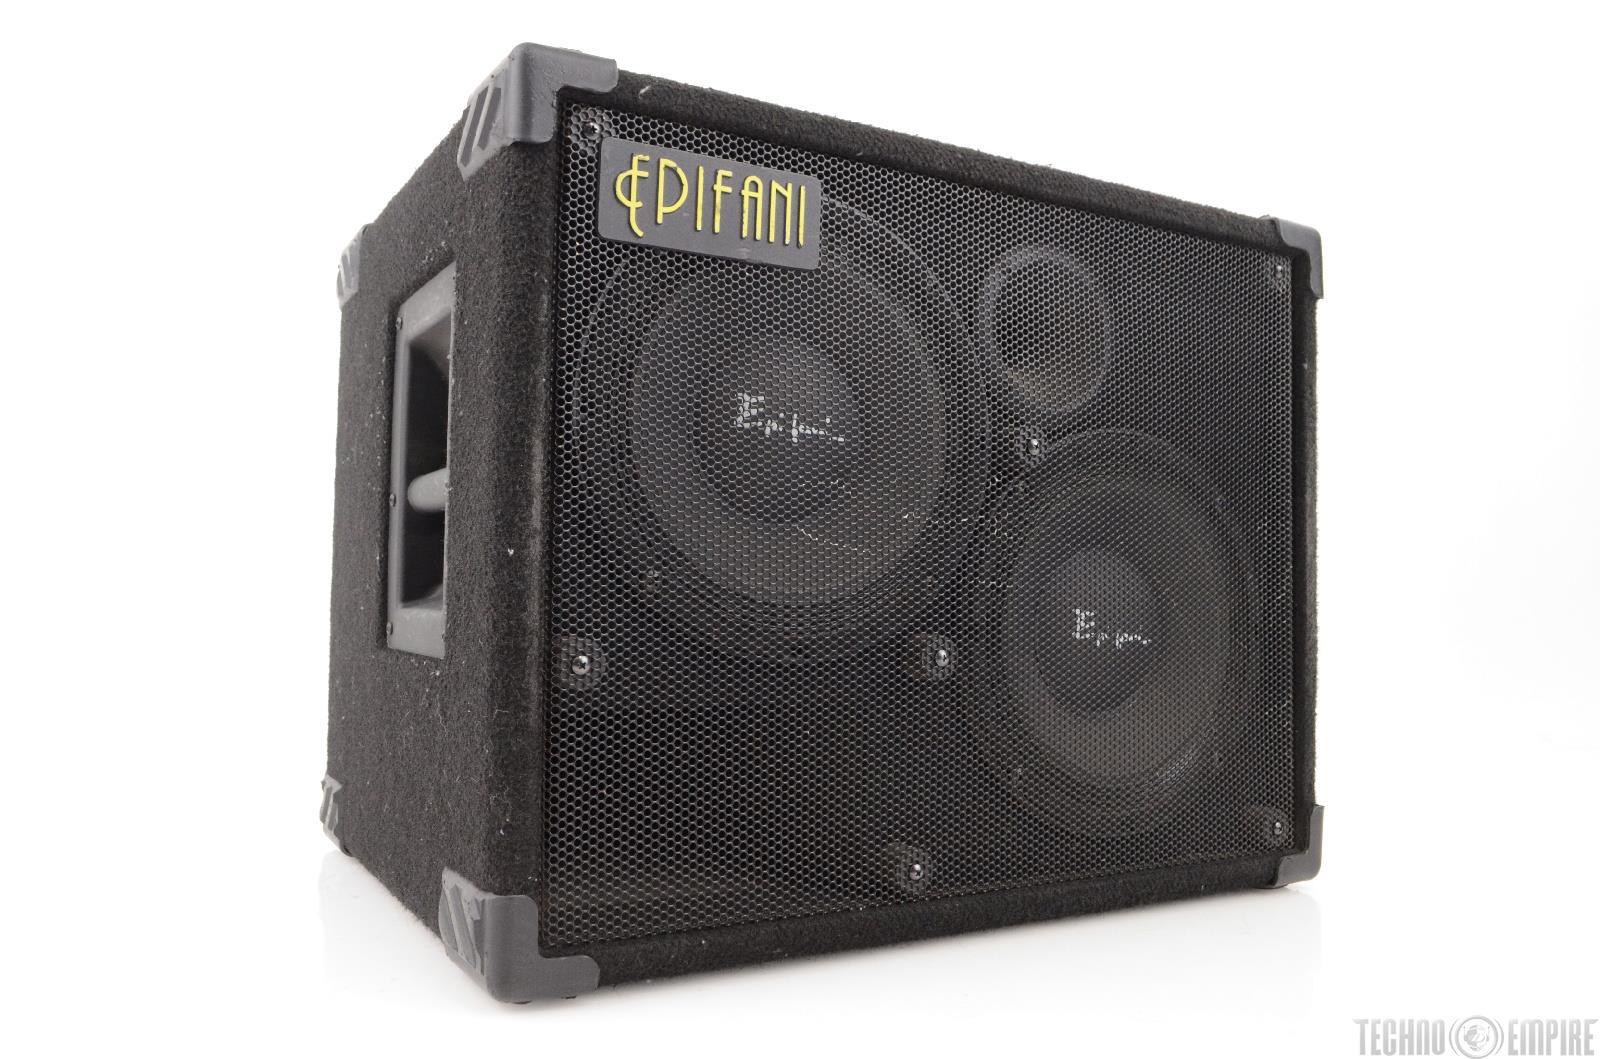 epifani t210 2x10 bass guitar speaker cabinet cab 22385 ebay. Black Bedroom Furniture Sets. Home Design Ideas